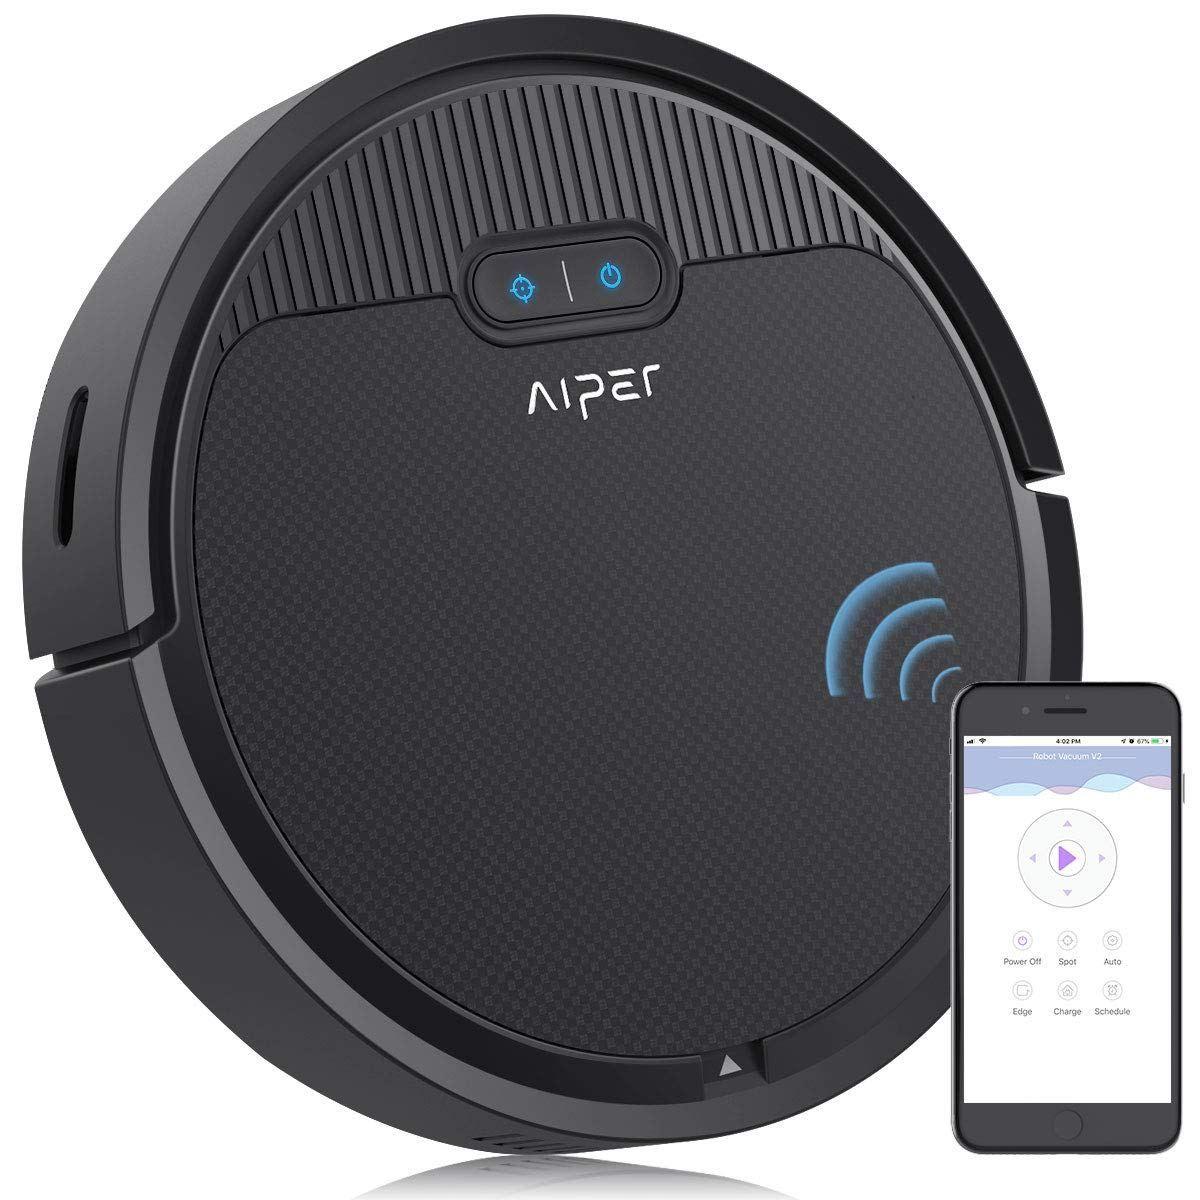 Aiper Robot Vacuum Vacuums, App control